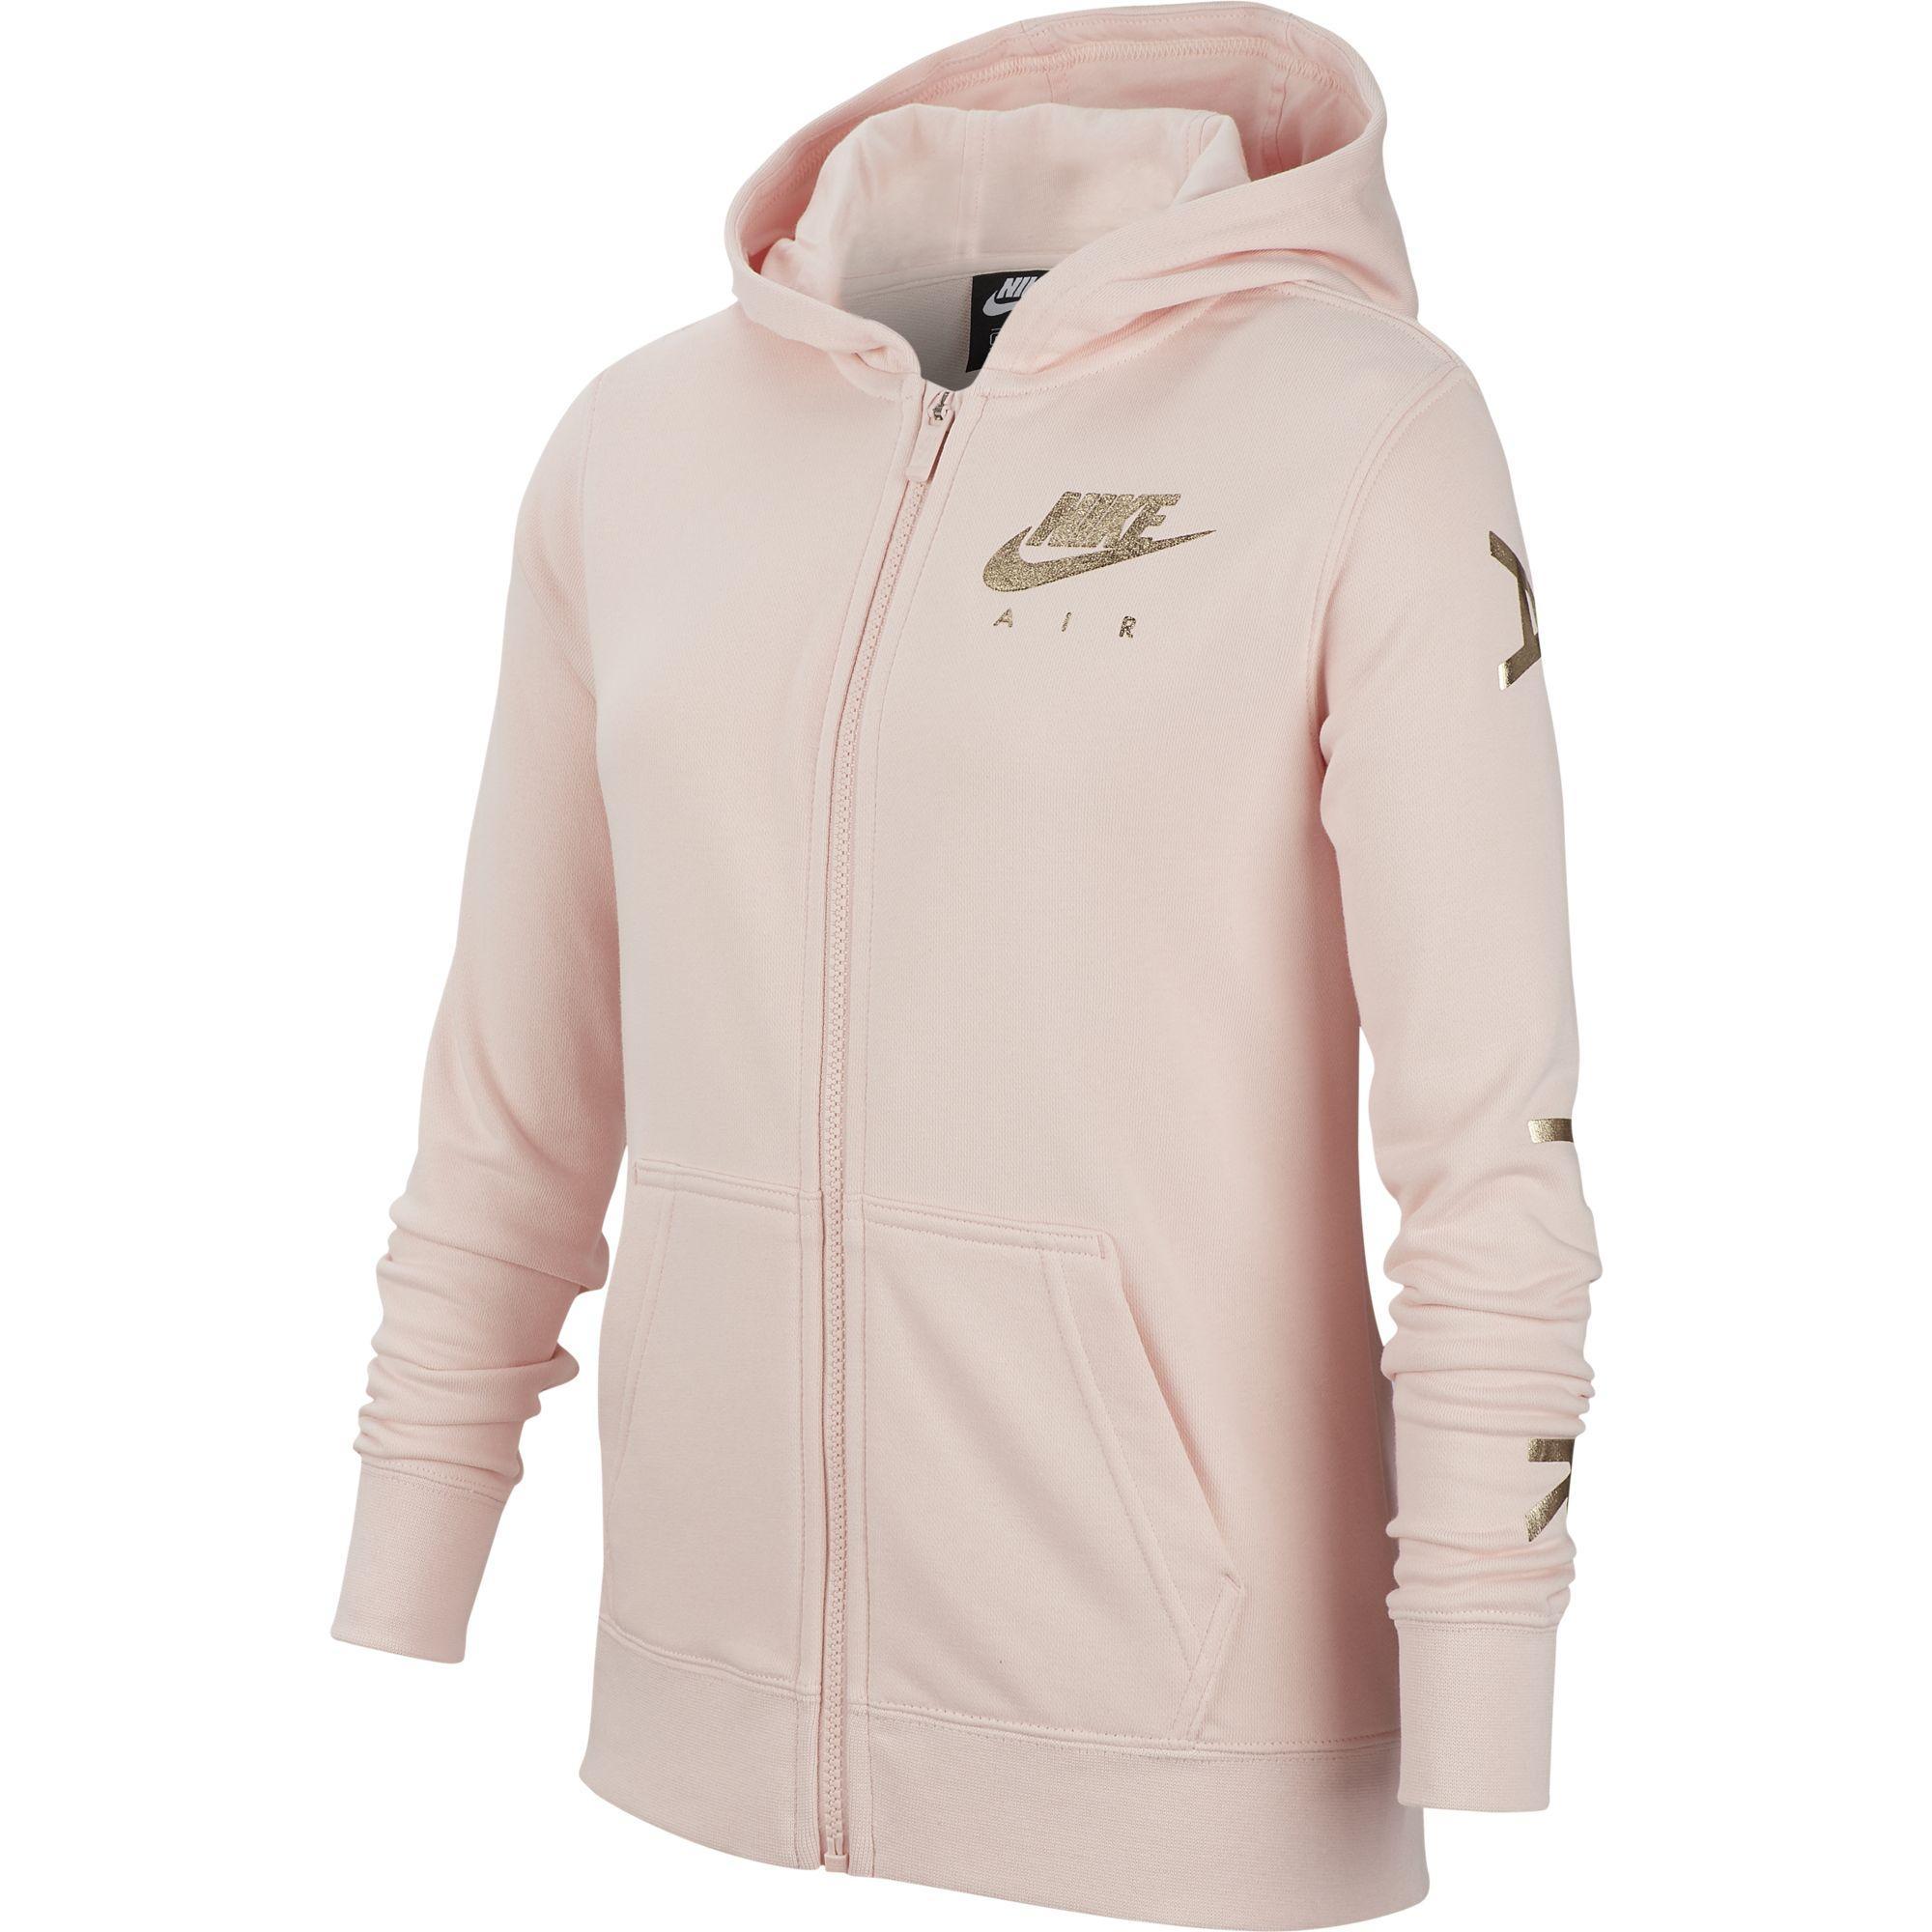 Nike Air Girls Fleece Hoodie Echo Pink